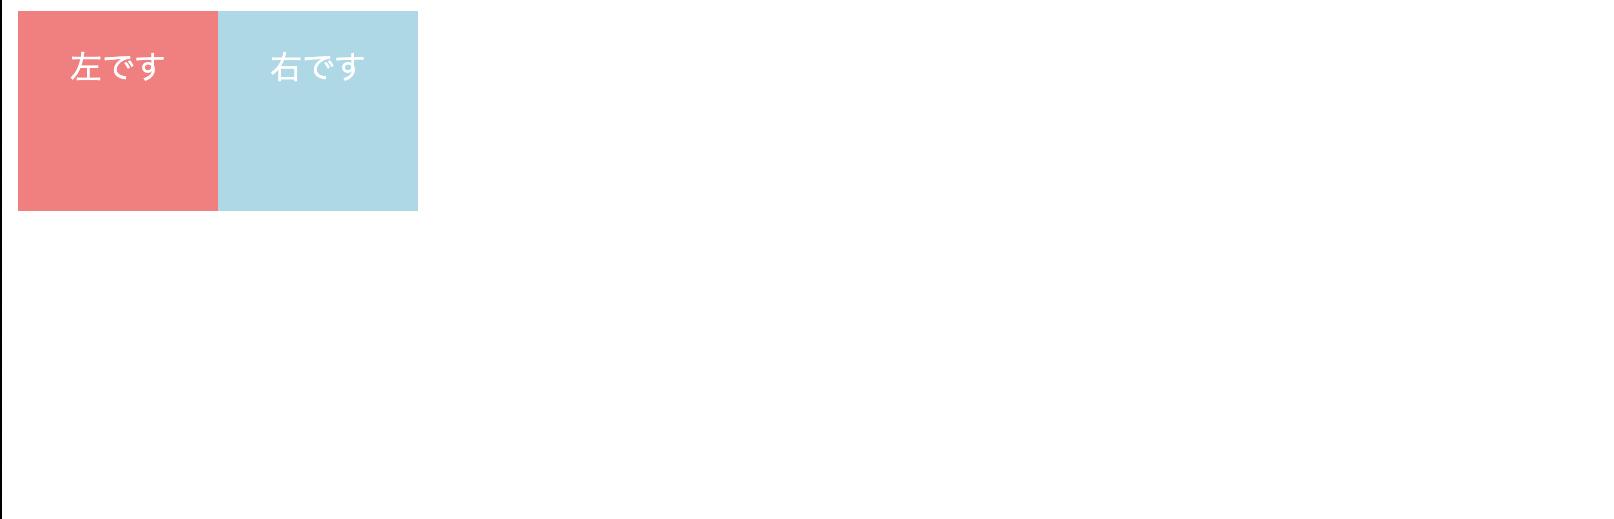 スクリーンショット 2020-11-10 15.36.04.png